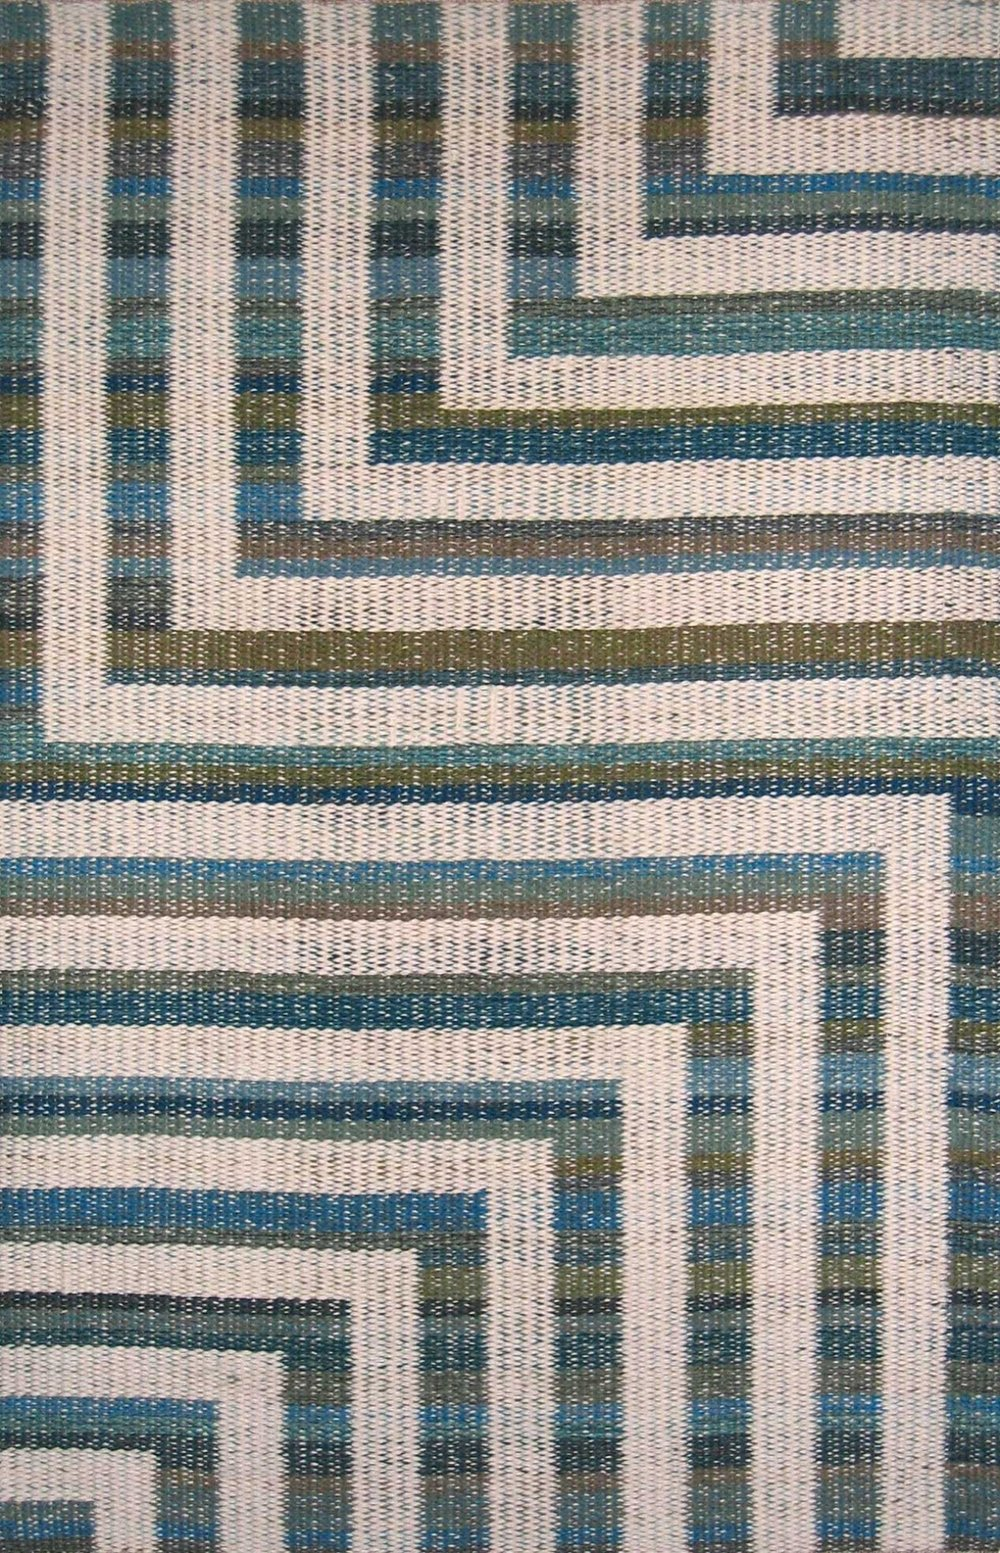 JJ0115.  Wool & linen. 108 x 163 cm.